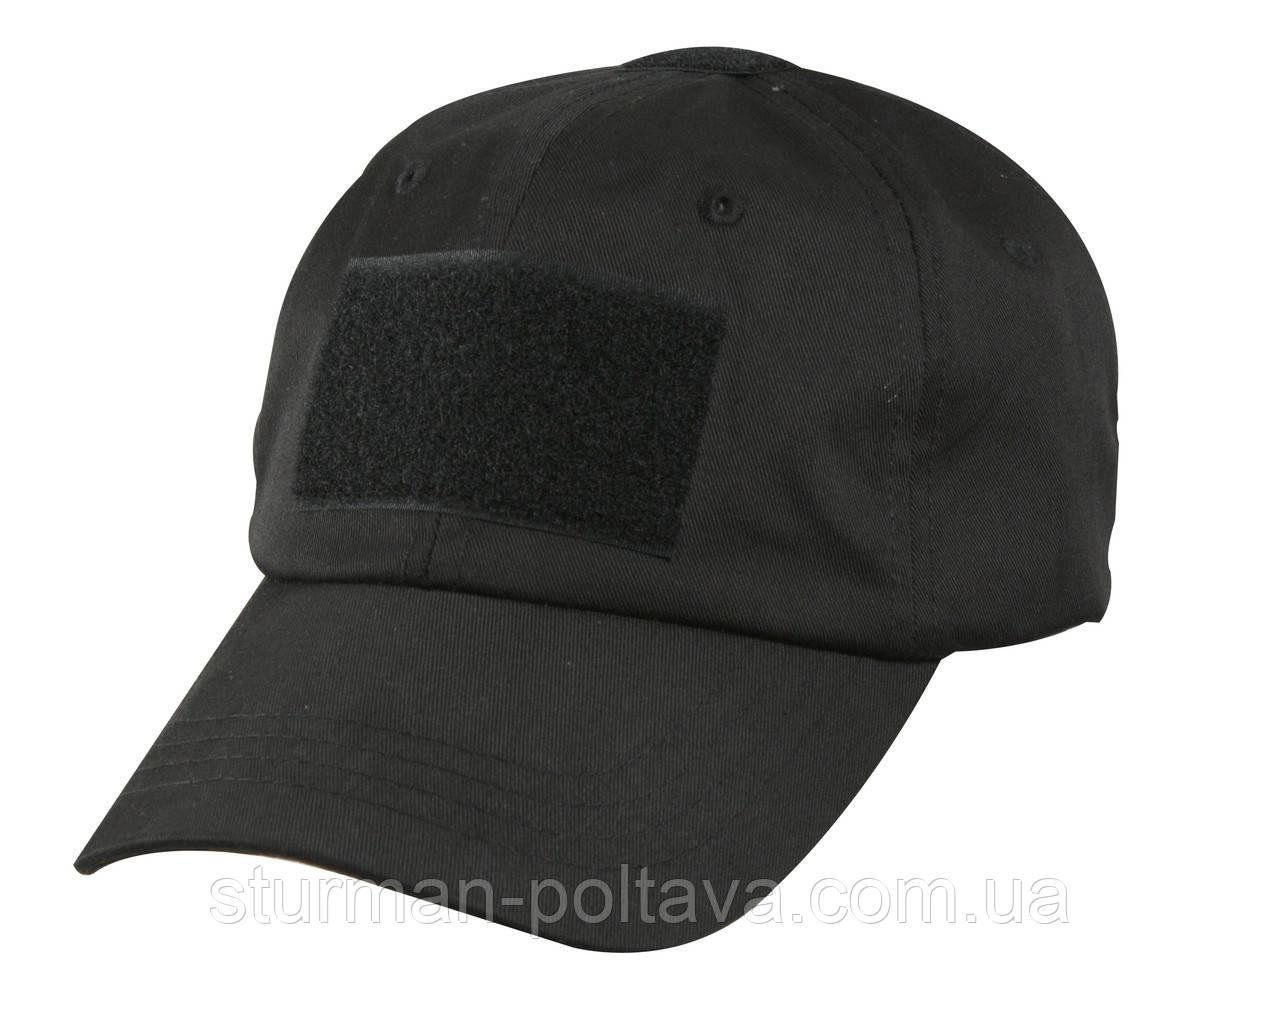 Бейсболка чоловіча тактична колір чорний Tactical Operator Cap Rotcho США